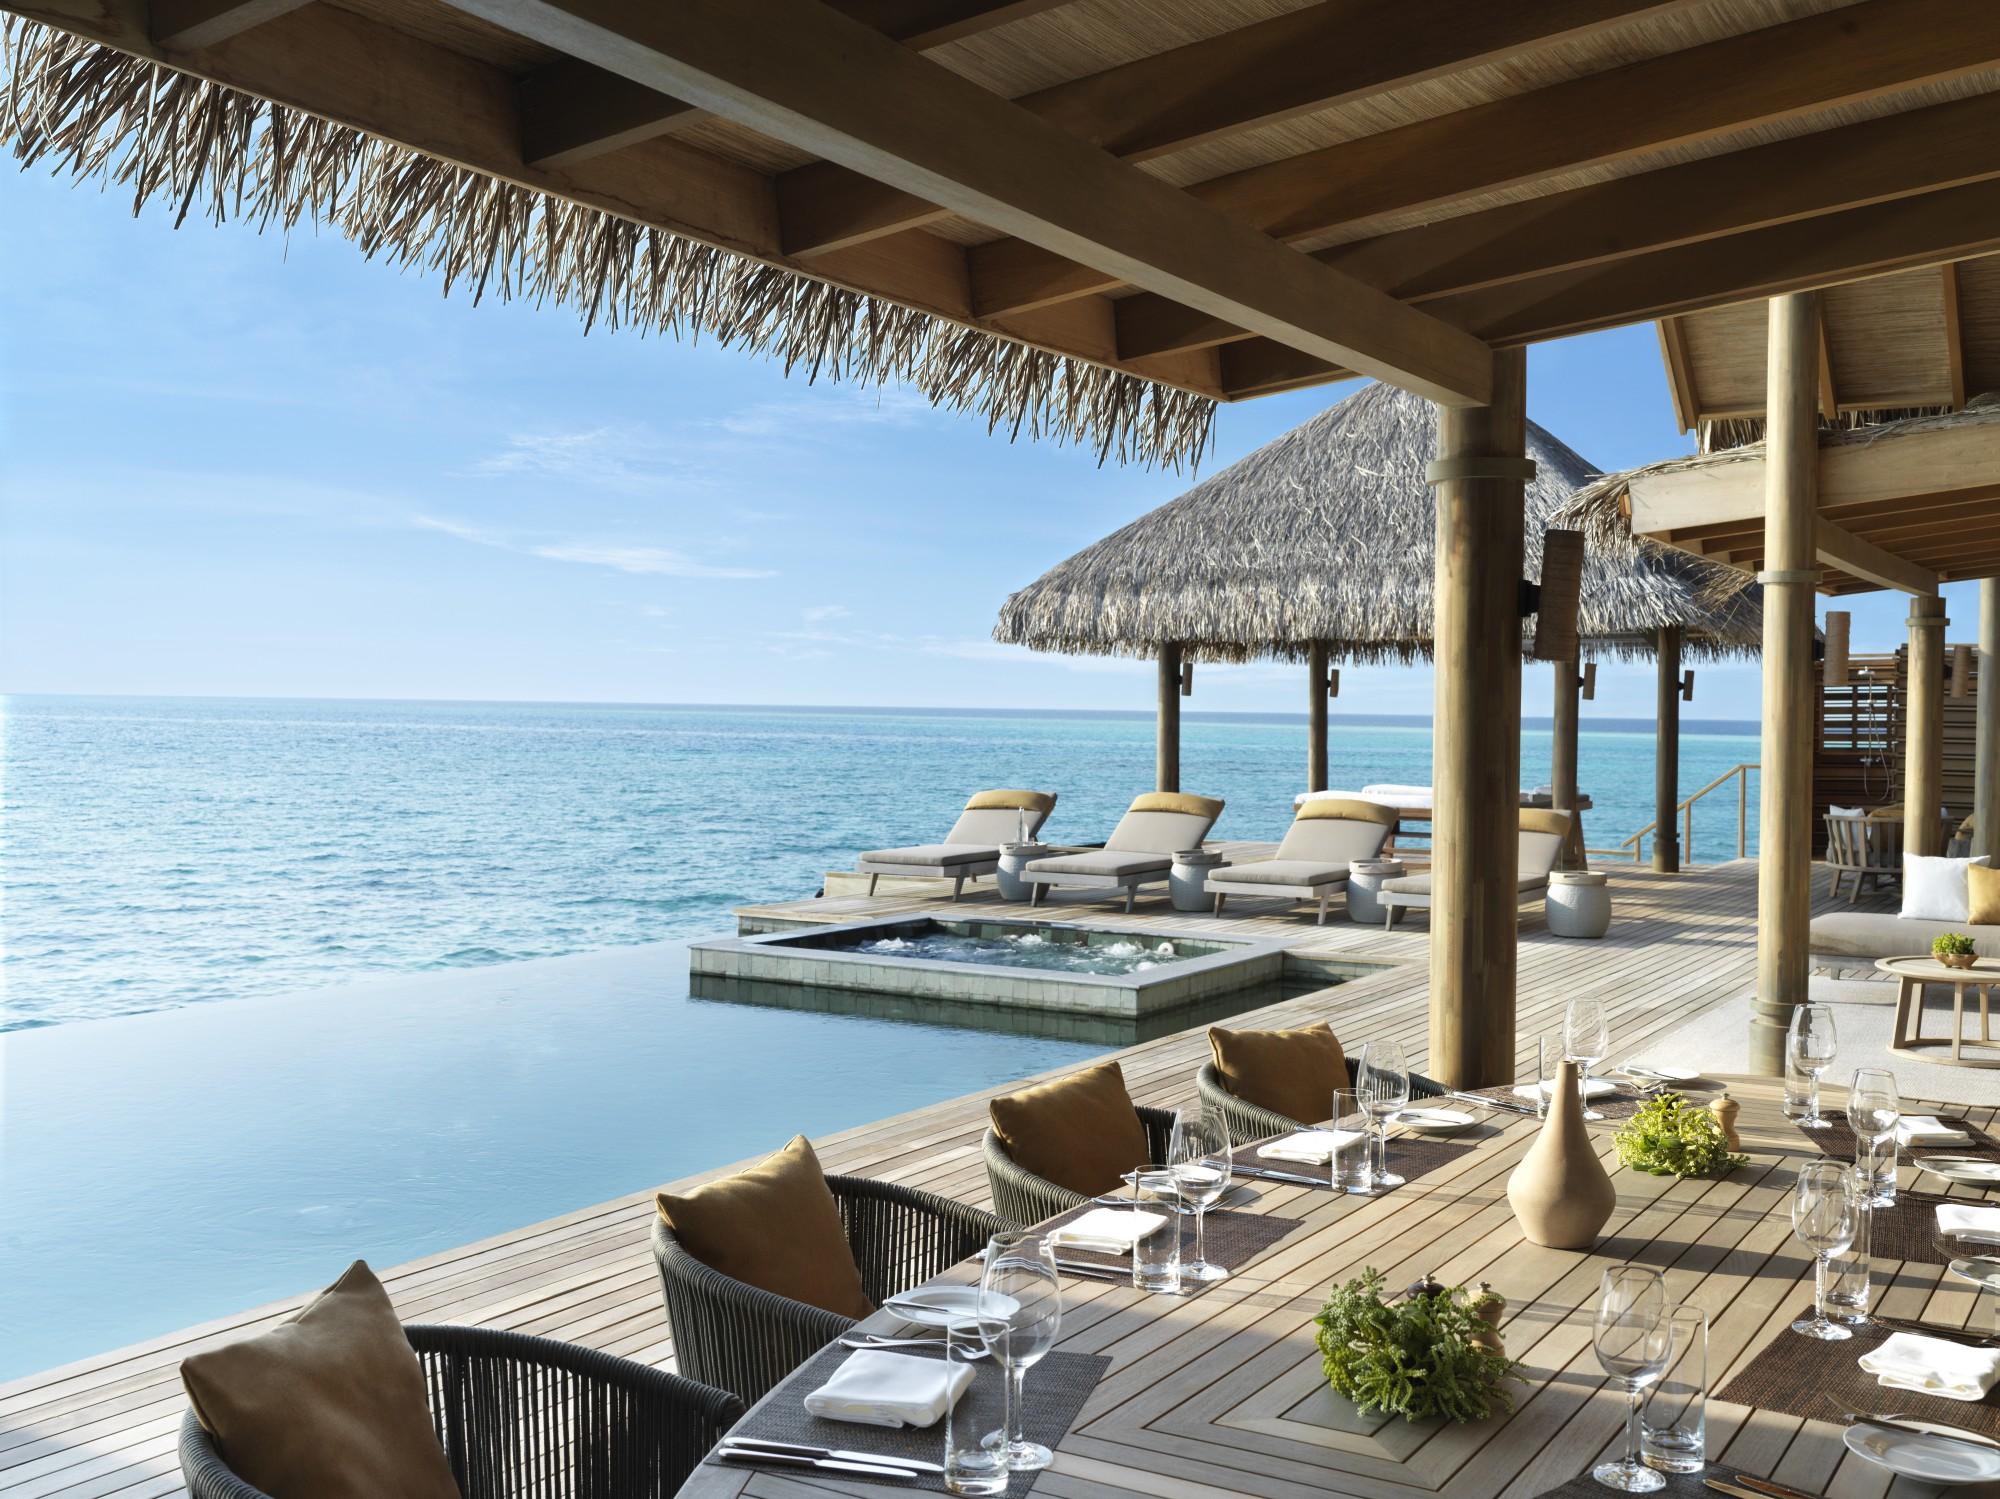 https://www.otdesign.com/wp-content/uploads/2020/11/OTdesign_Vakkaru_residence-terrace-dining.jpg